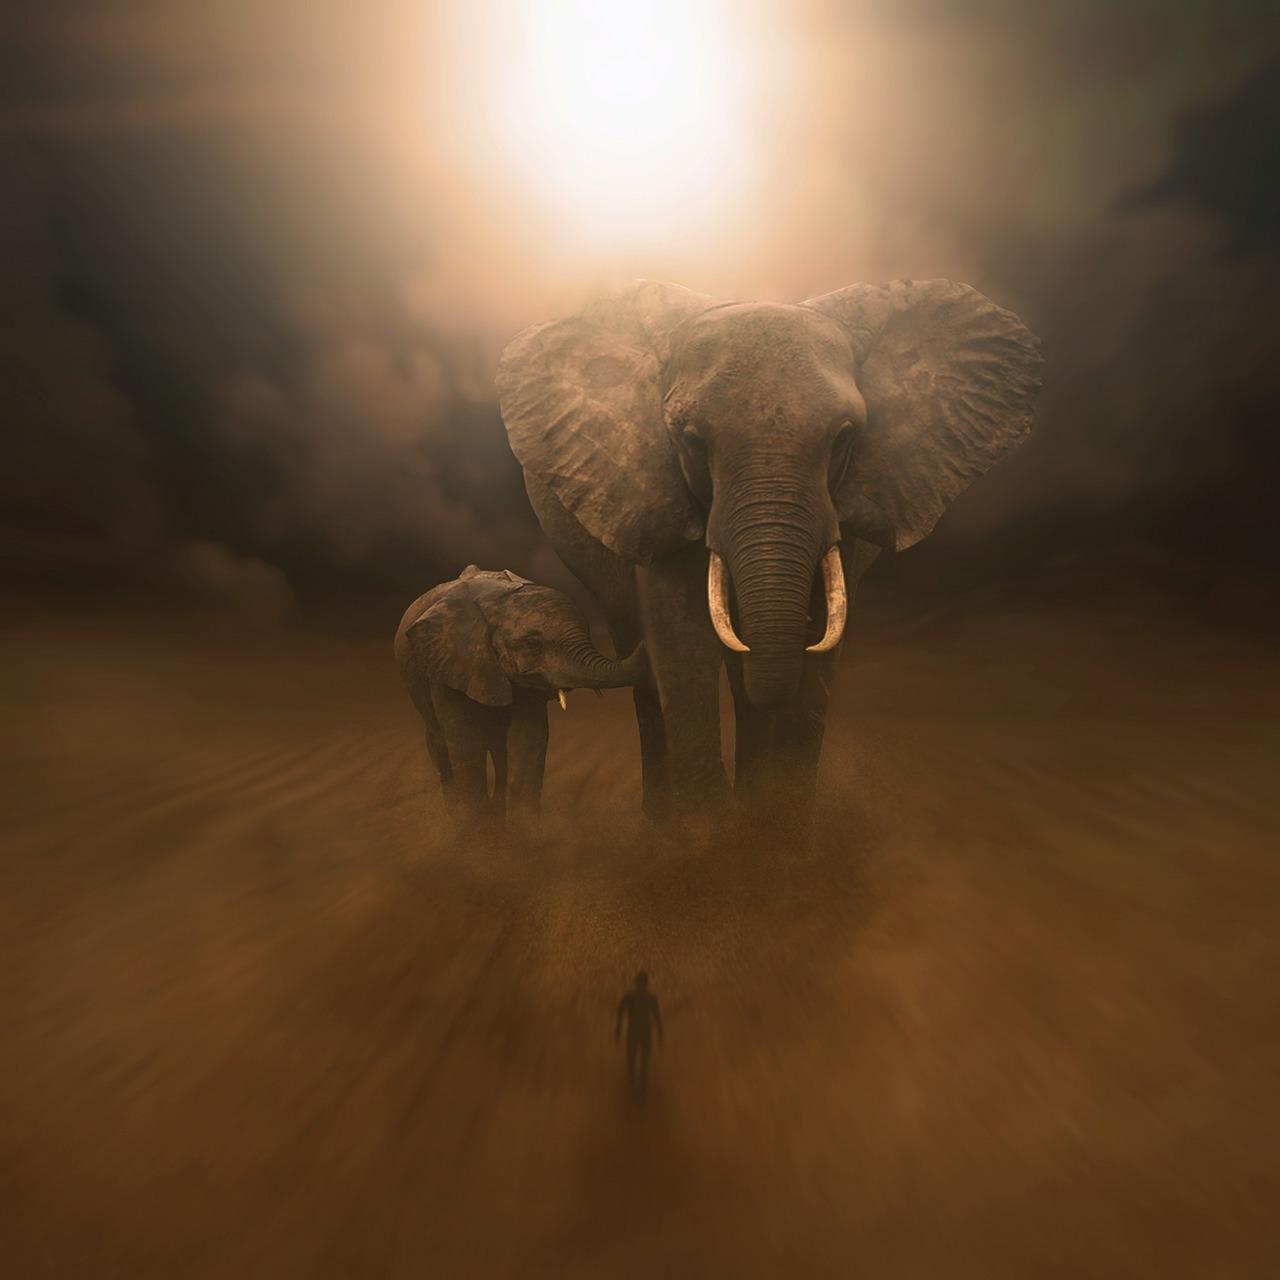 [일상탐독2] (9) 코끼리 그늘로부터 잔디/이제니